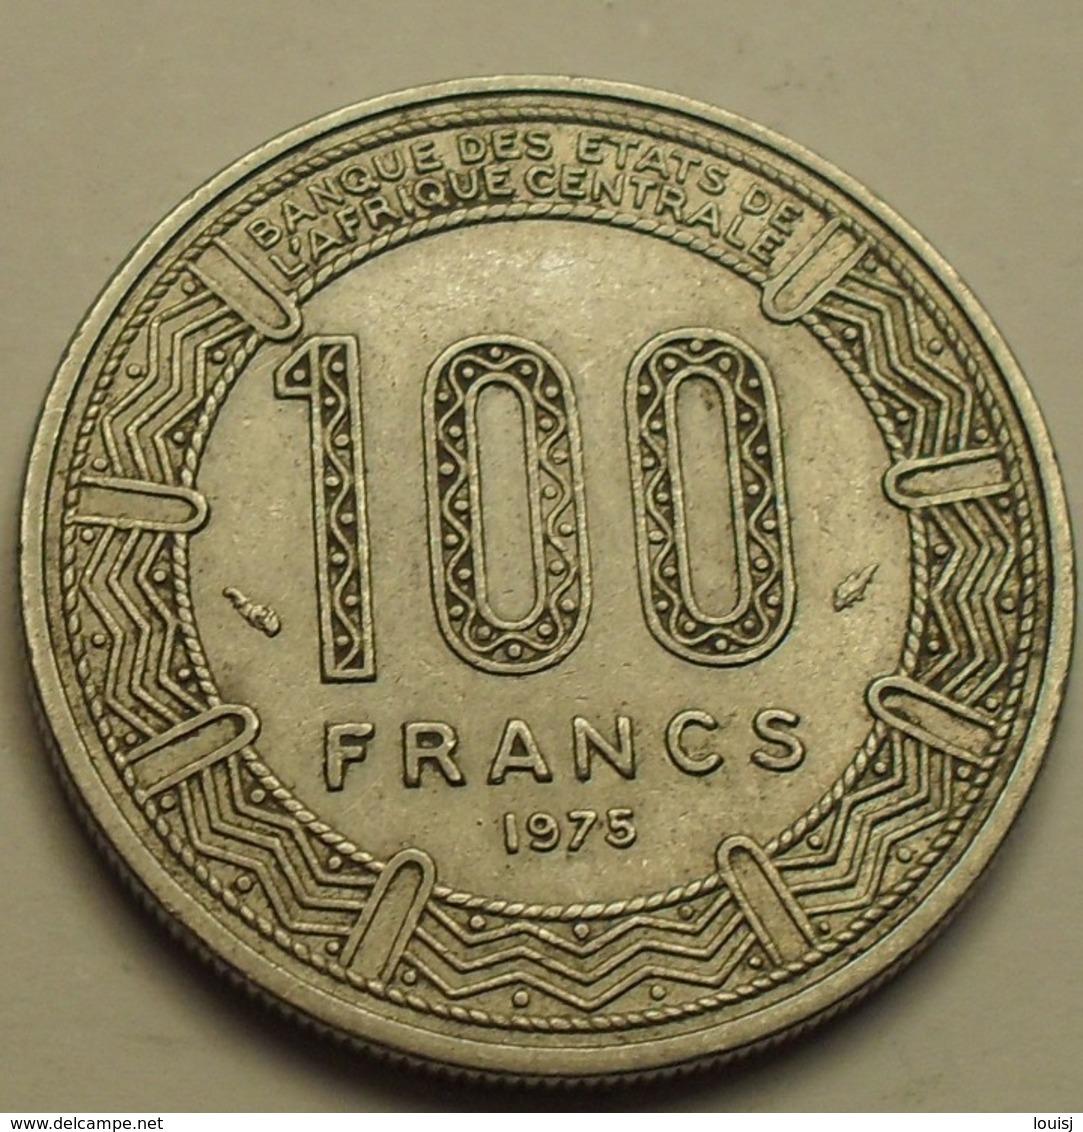 1975 - Congo République - Congo Republic - 100 FRANCS - KM 2 - Congo (République 1960)